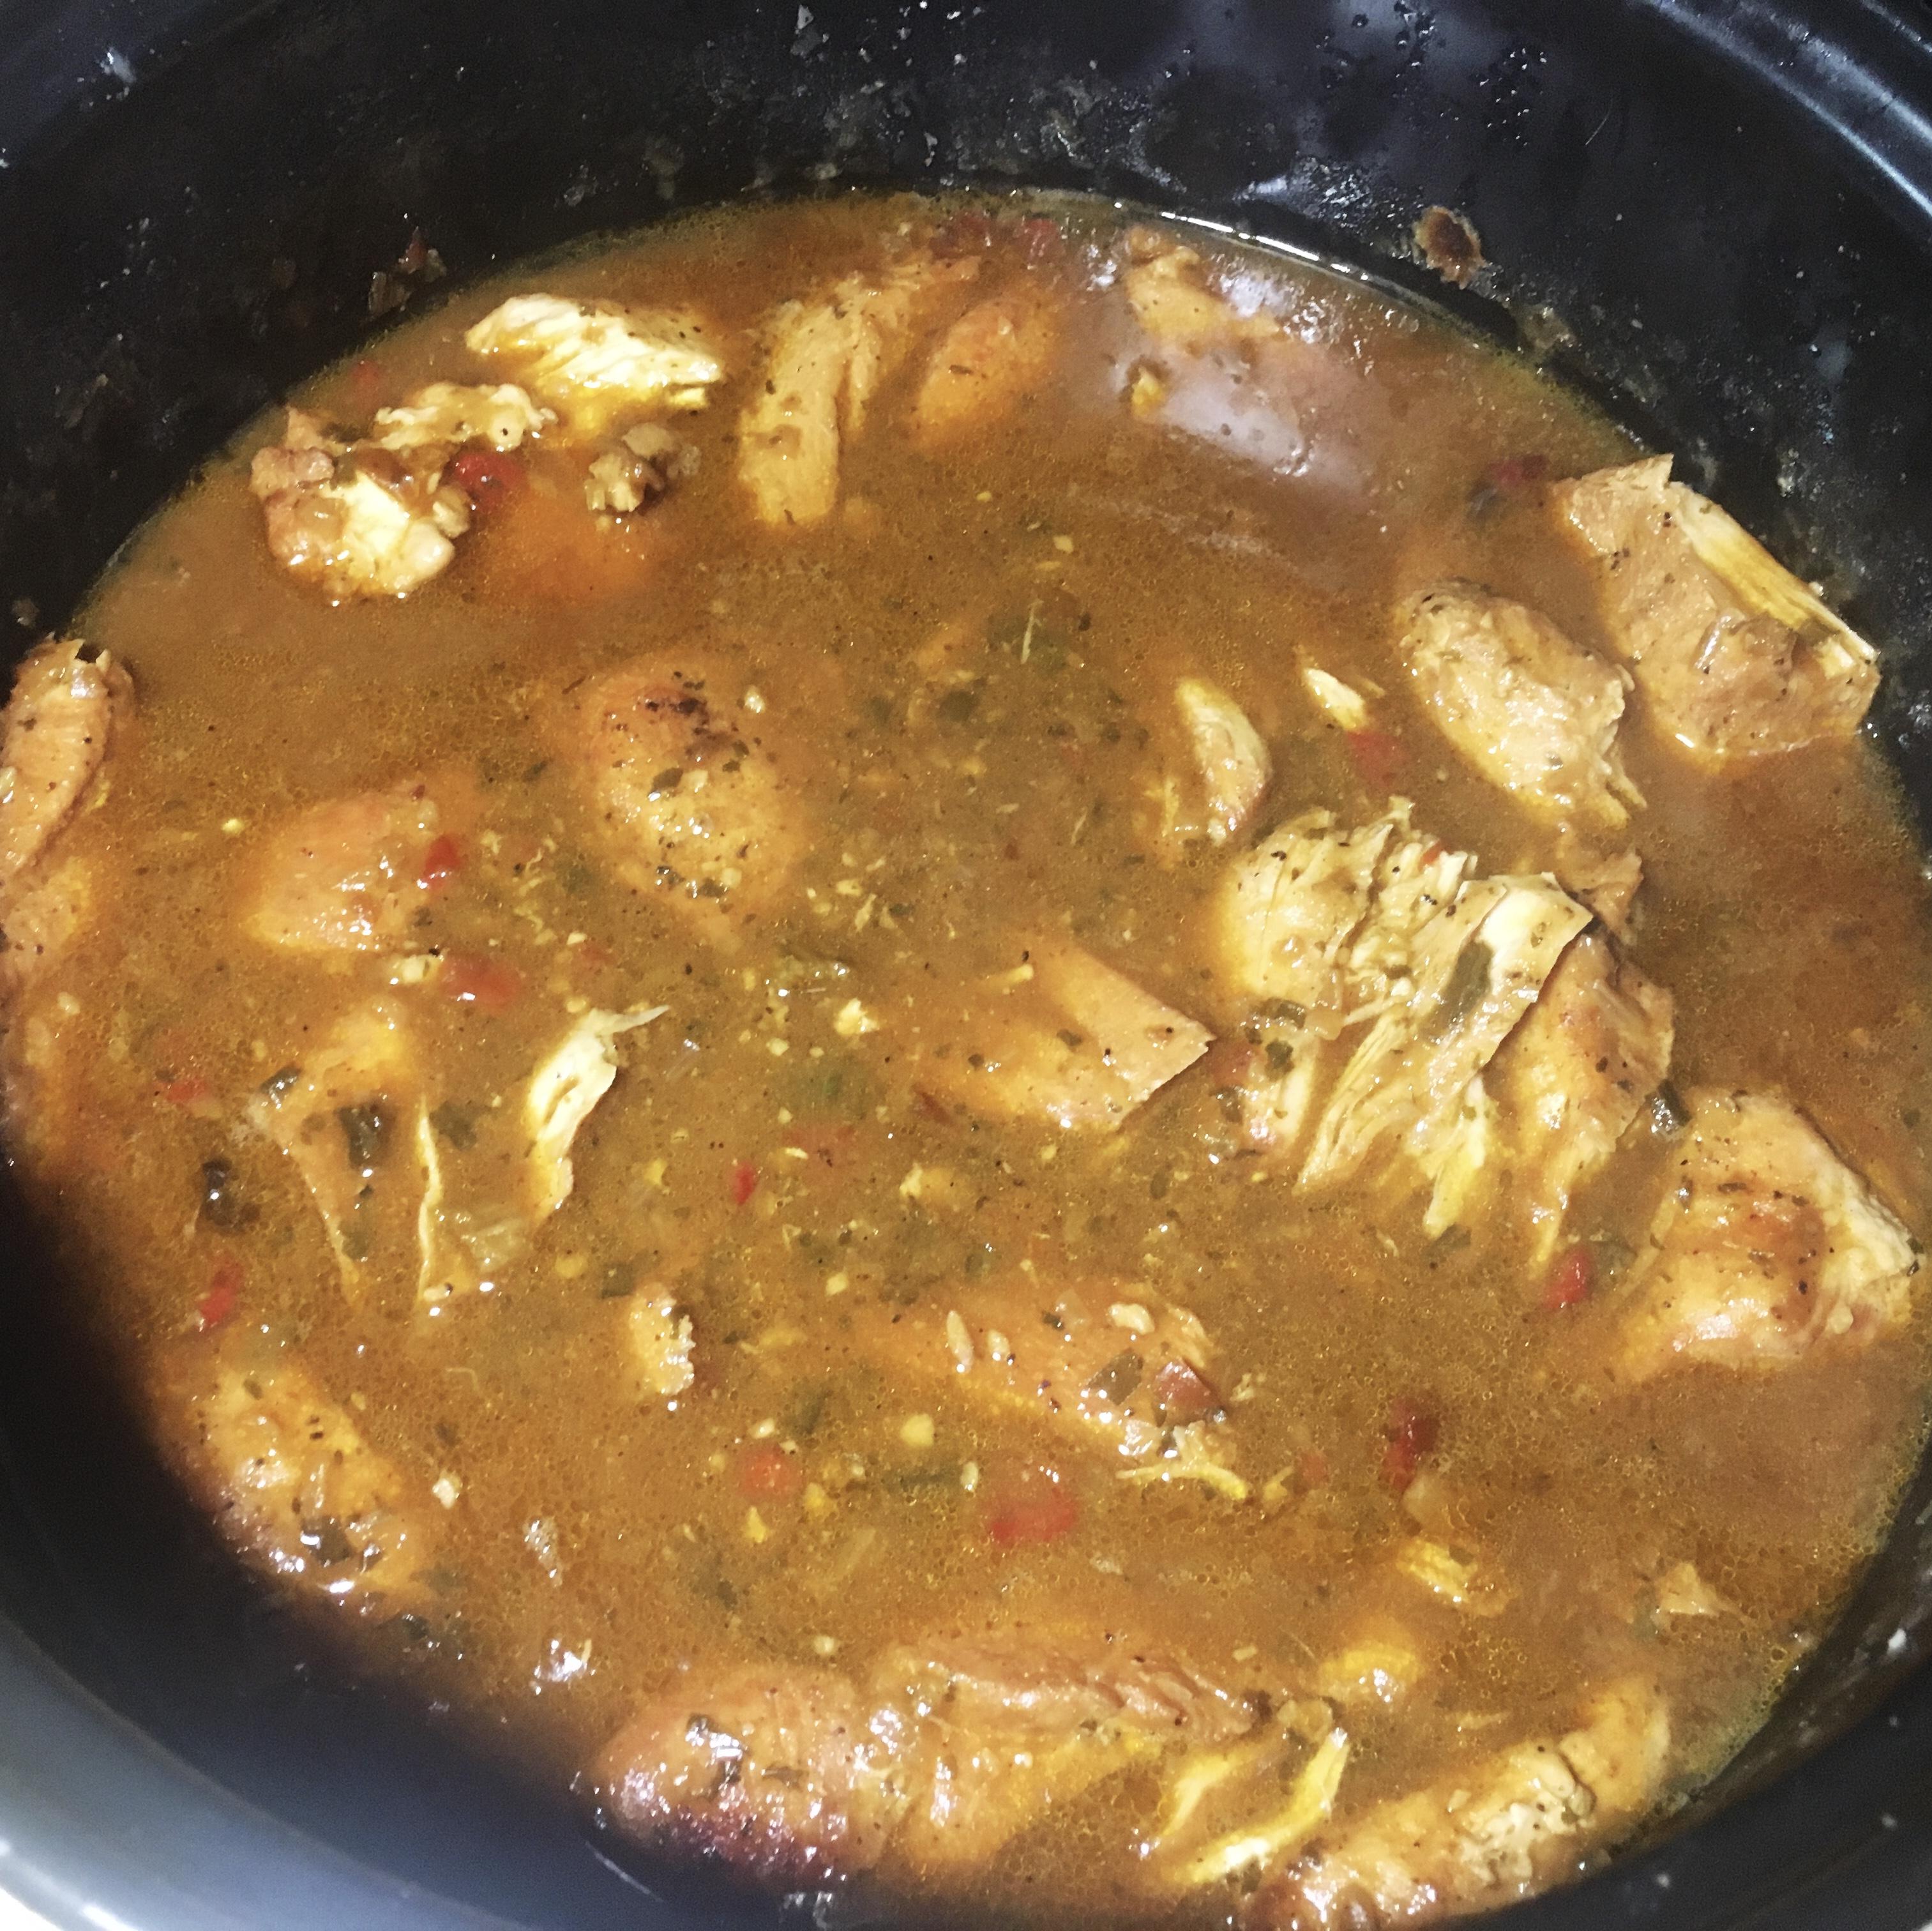 Chicken in a gravy